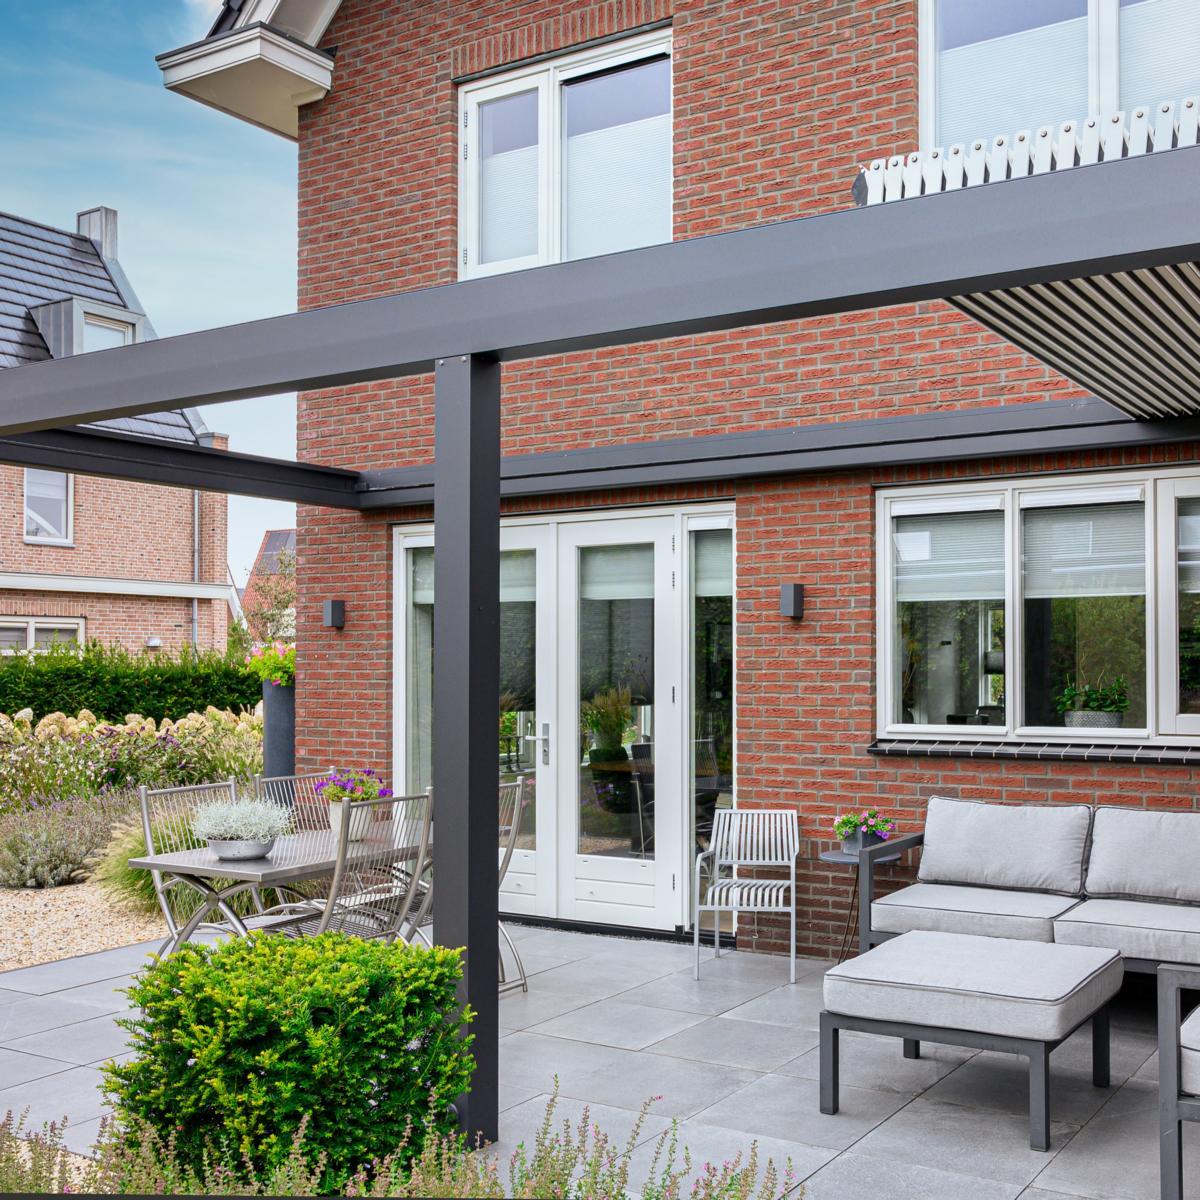 lamellendach skyroofprestige terrassenueberdachung holland privat 6.1 - Terrassenüberdachung - Schutz und doch flexibel - Referenz-Projekt